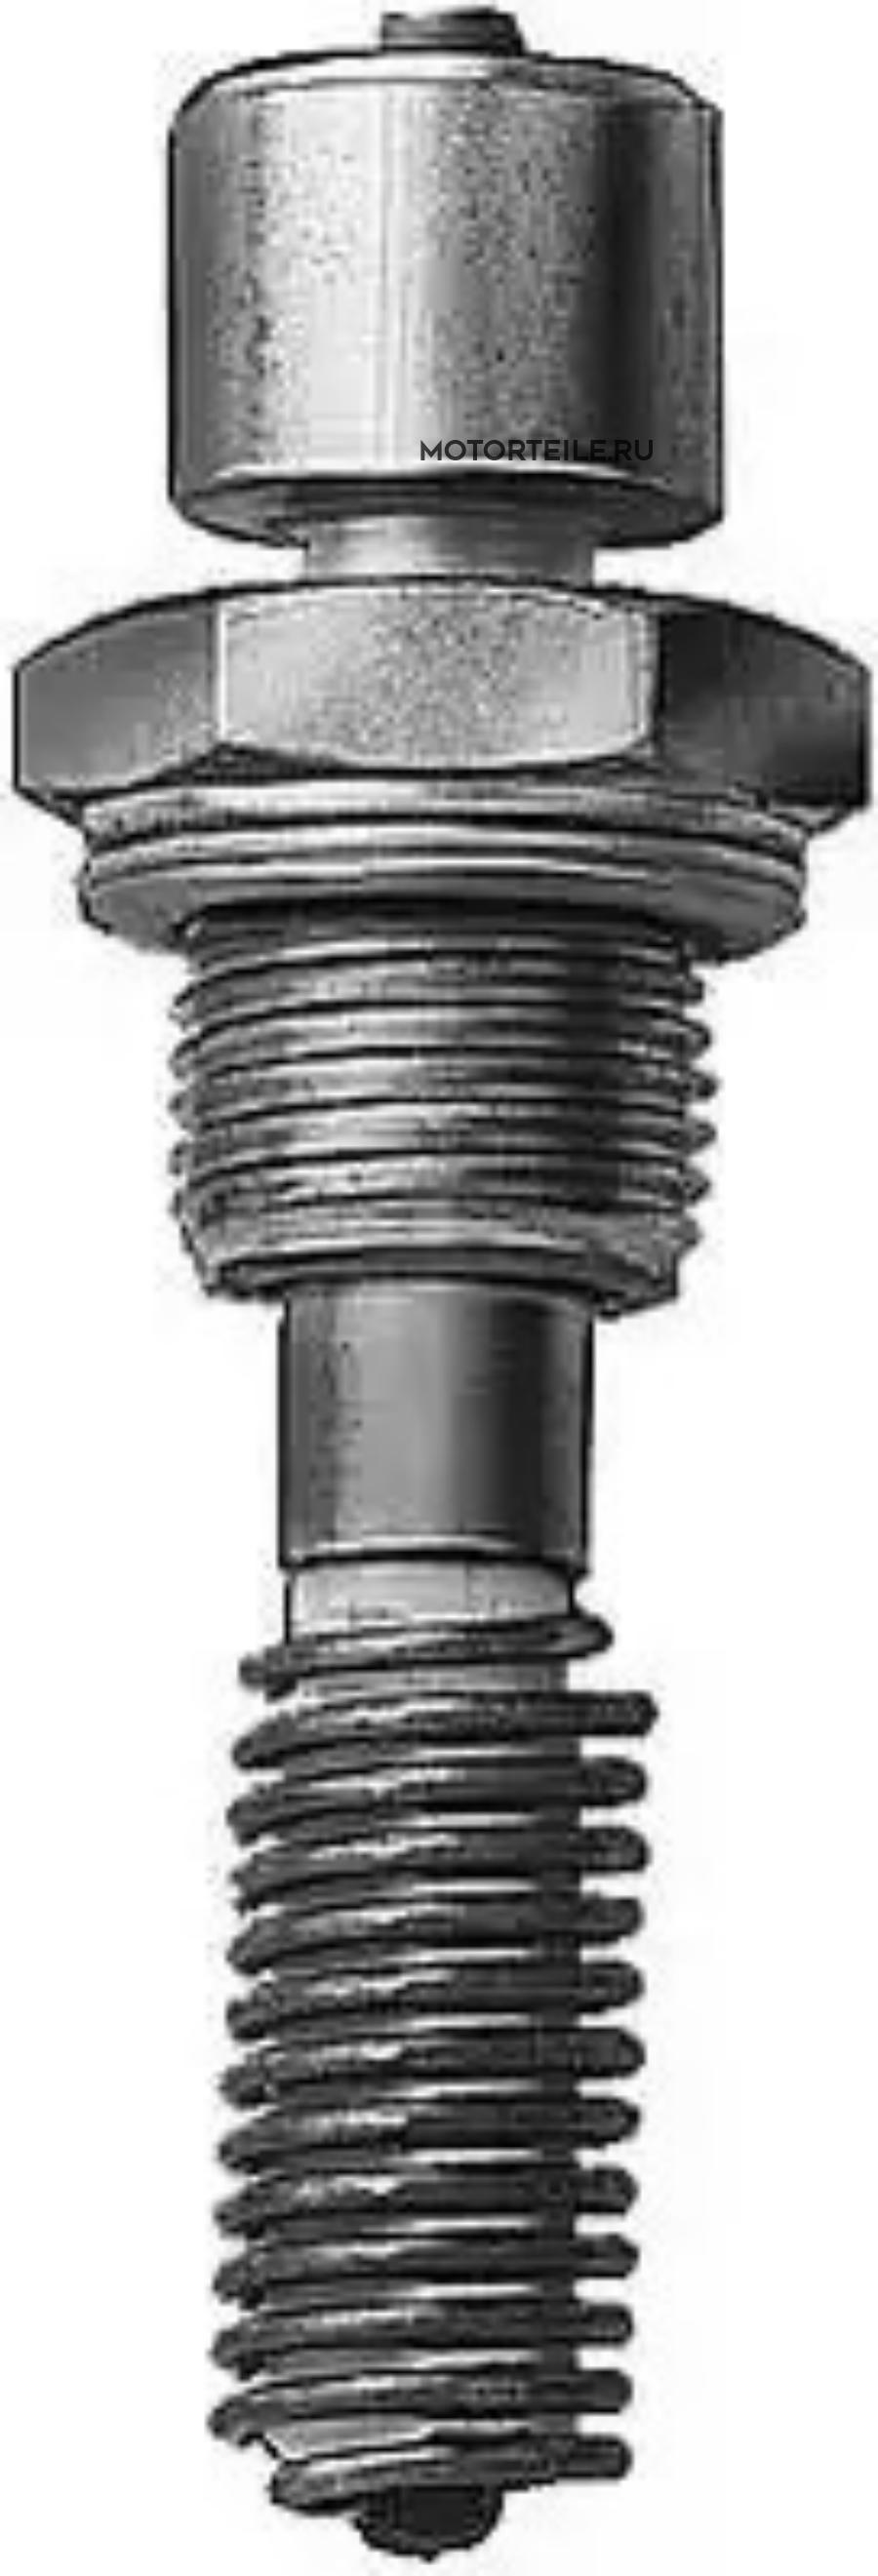 Свеча накала HL18-32,DBW-46 24V